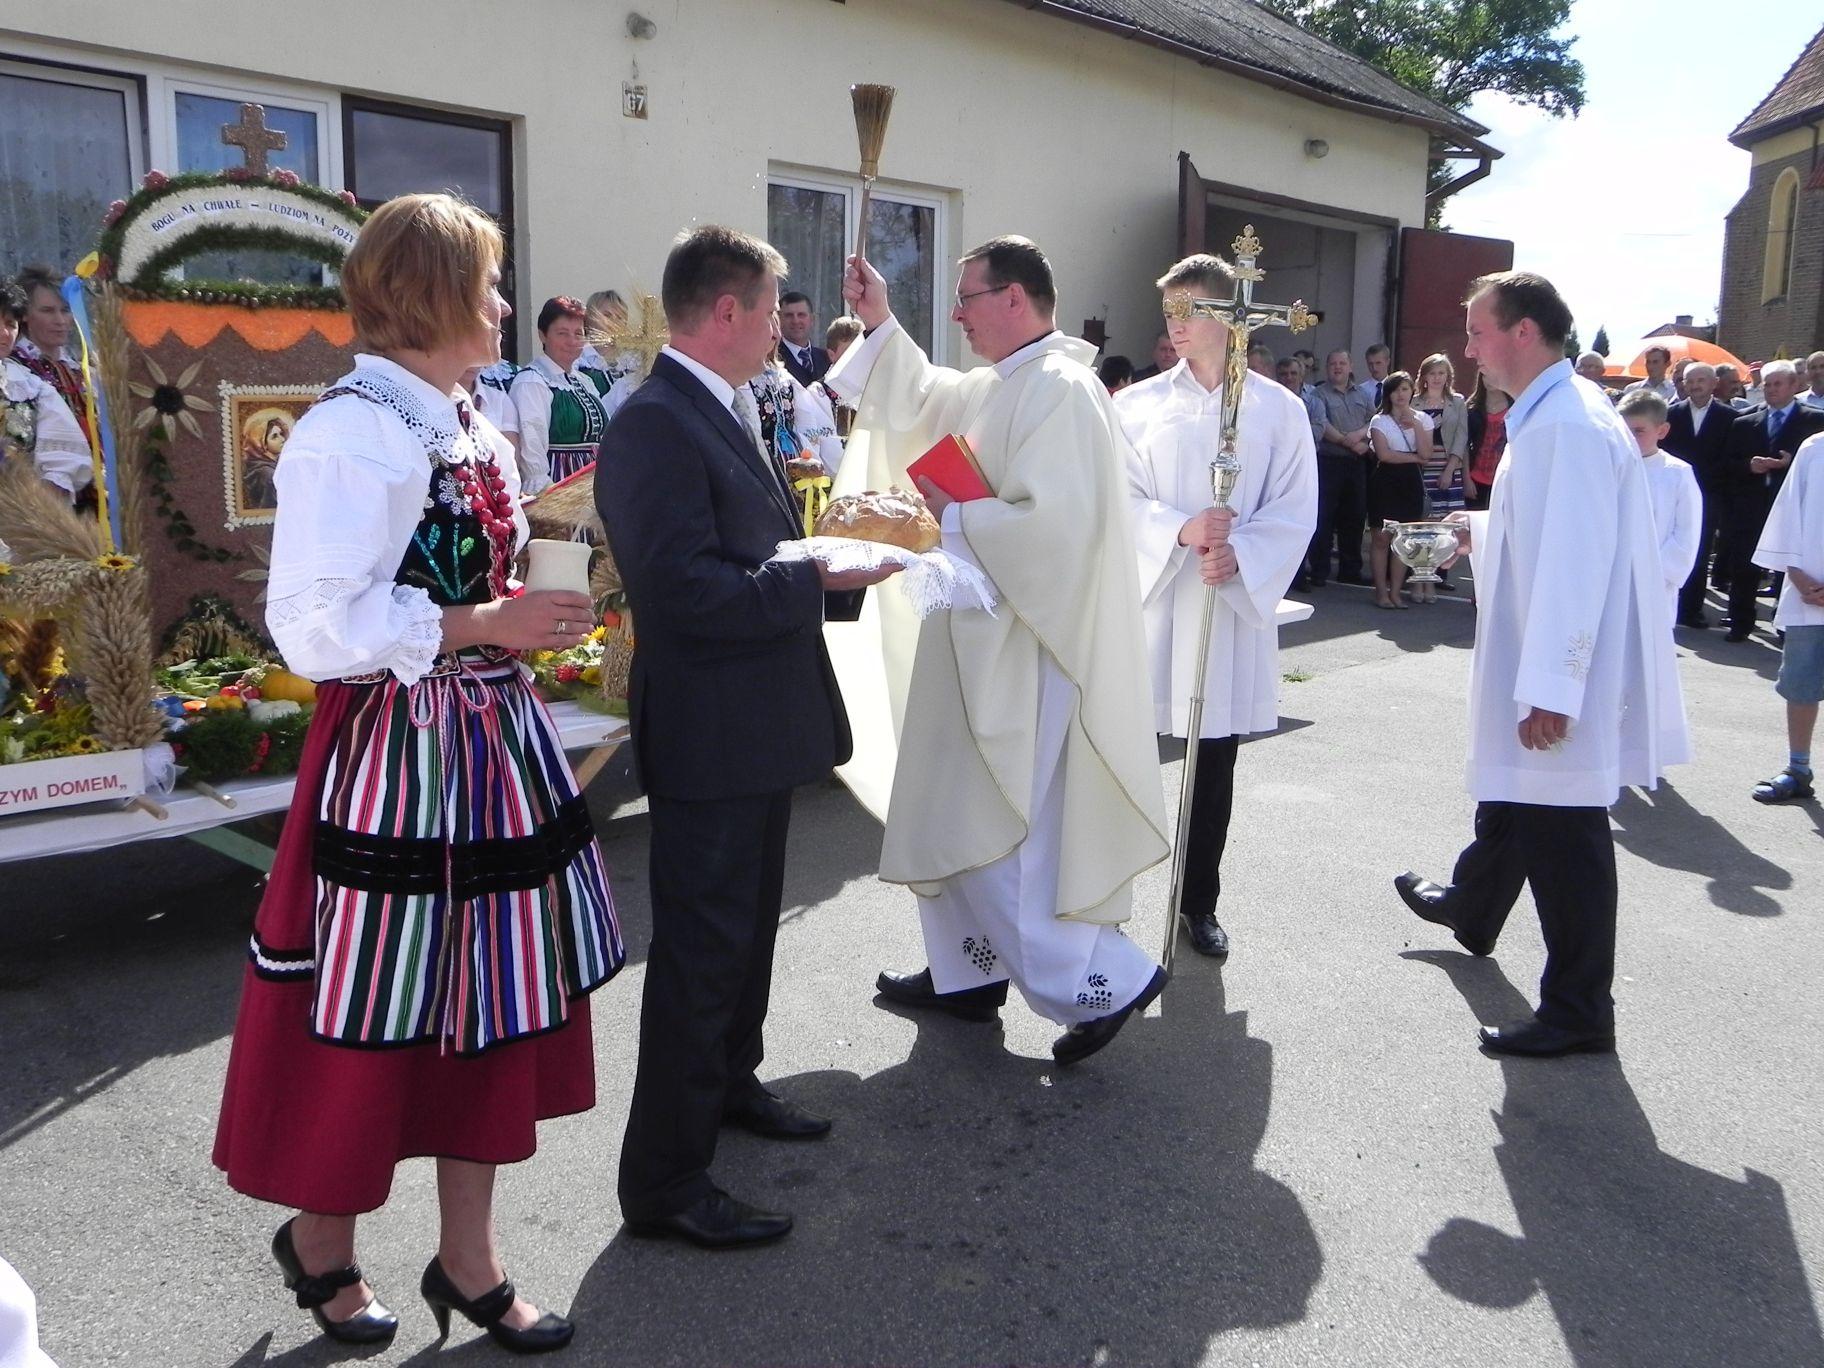 2012-09-09 Sierzchowy - dożynki (35)